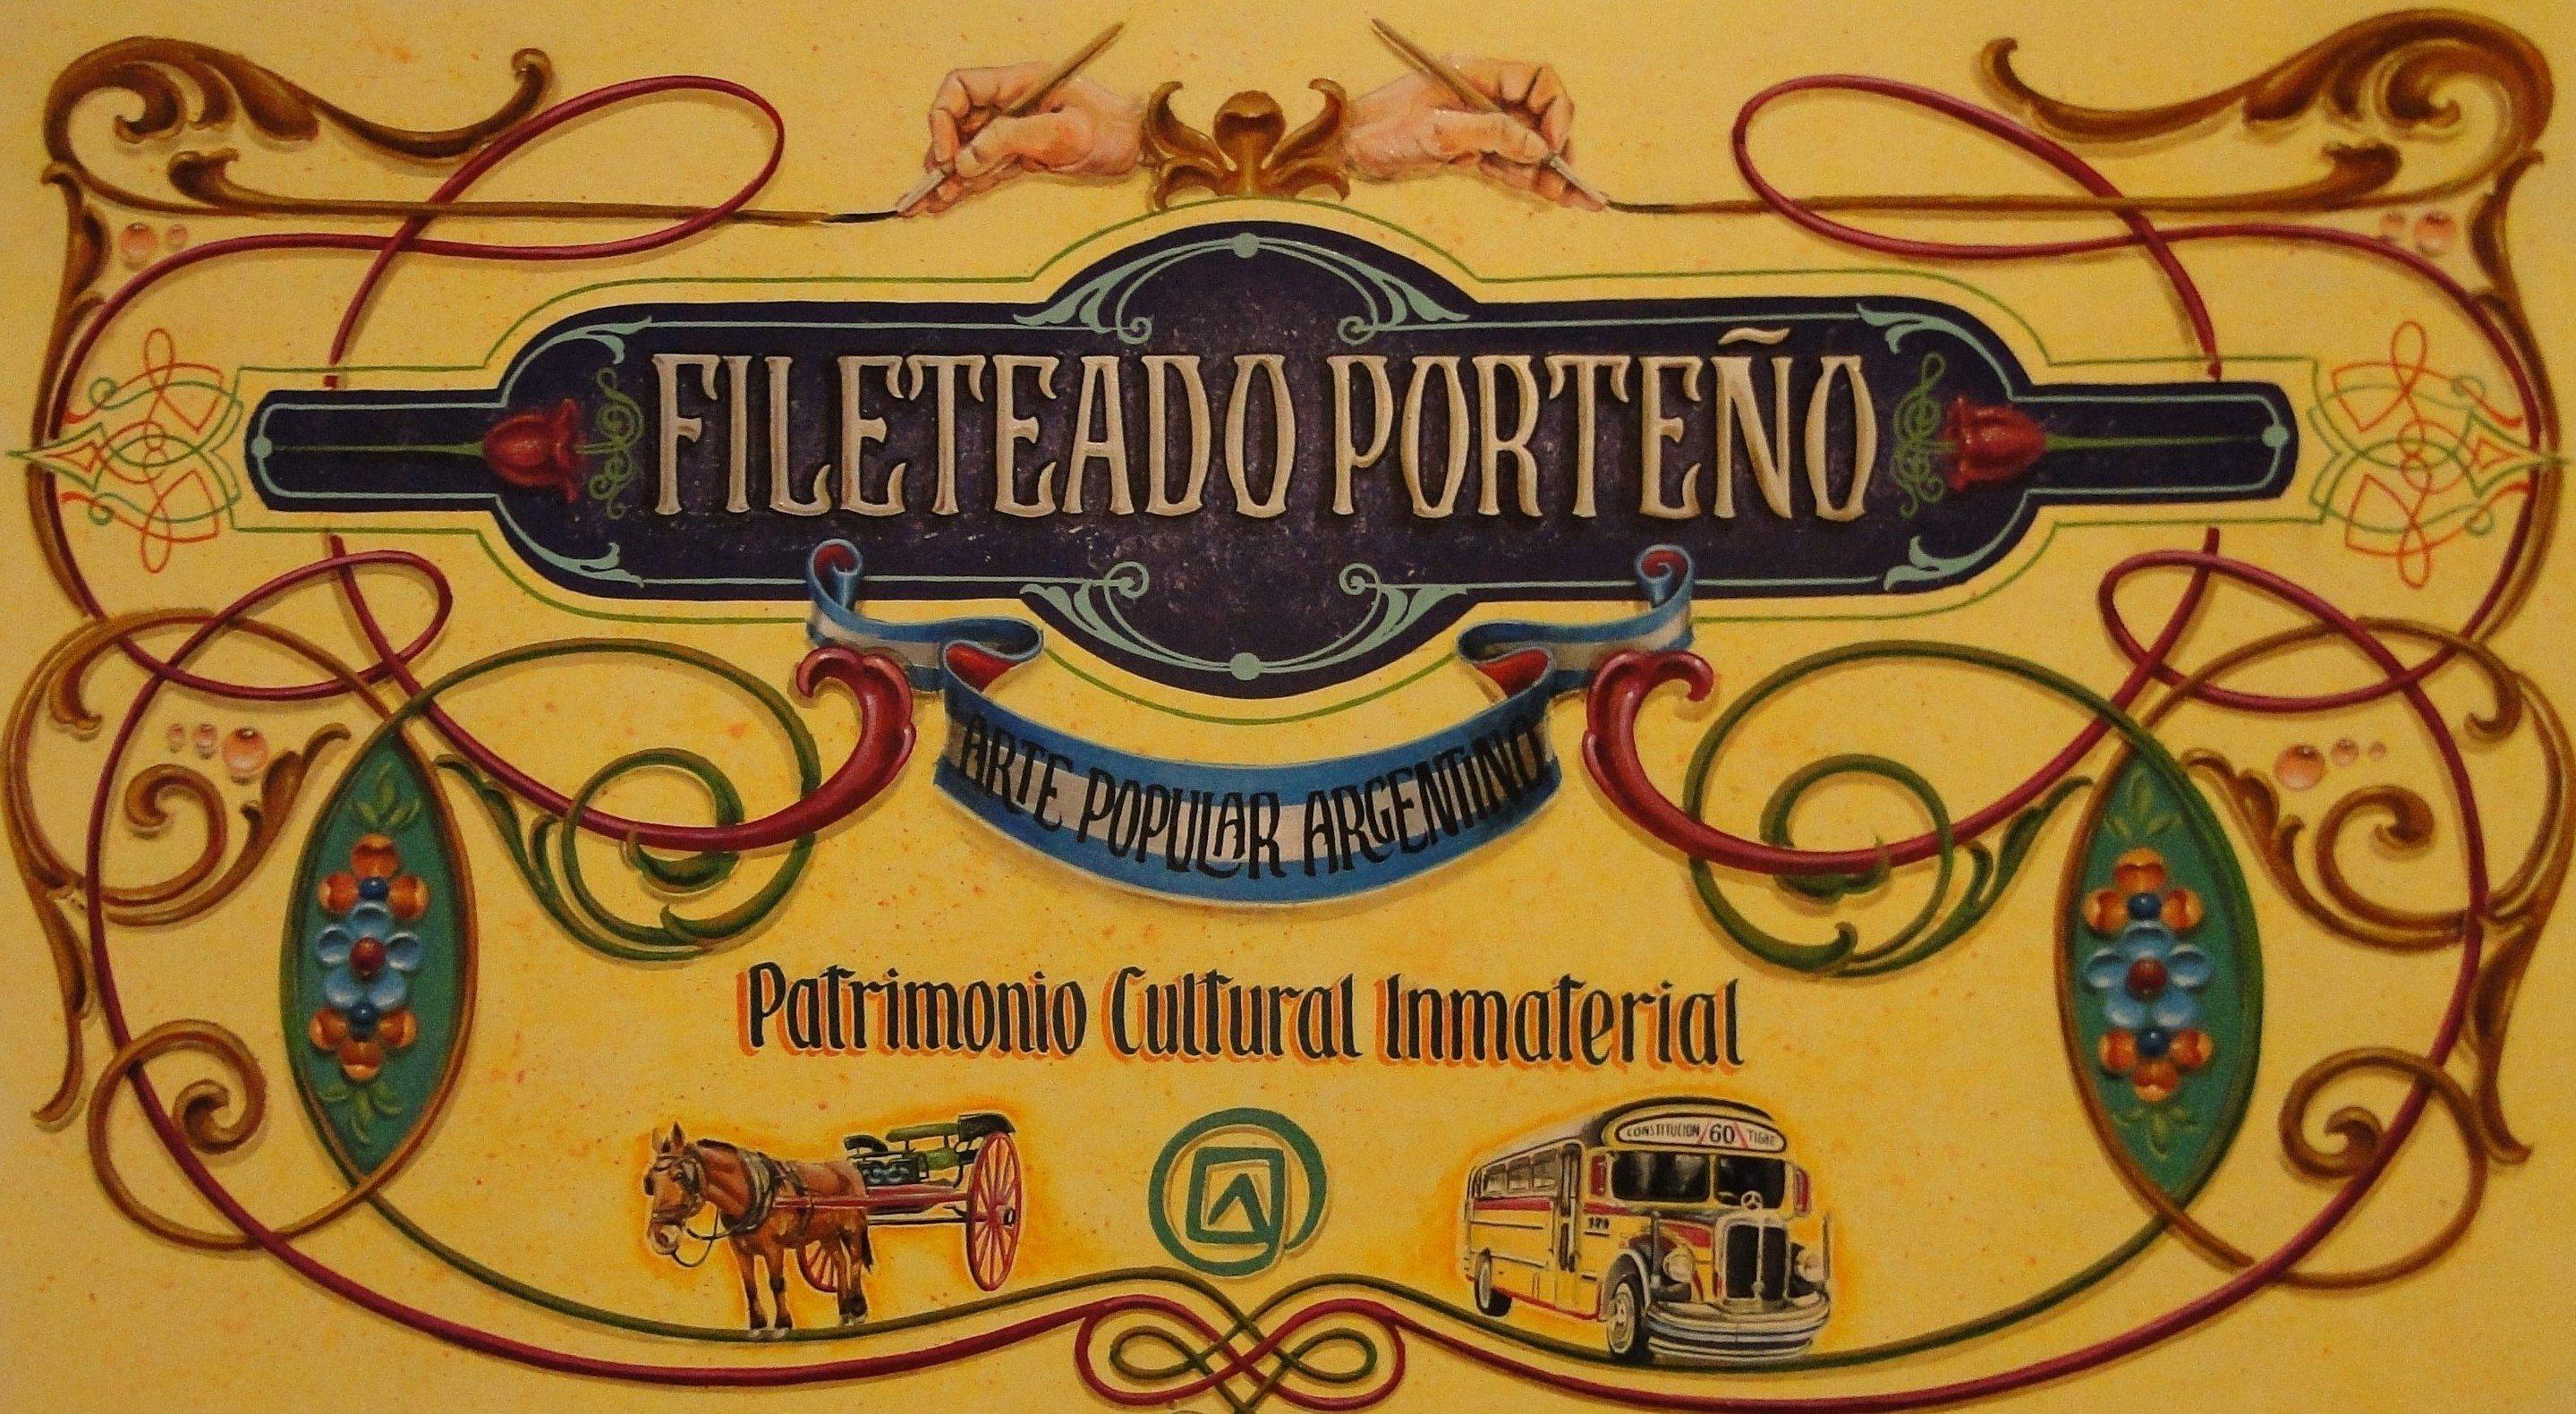 Resultado de imagen para Patrimonio Cultural Inmaterial de Argentina en el  Senado